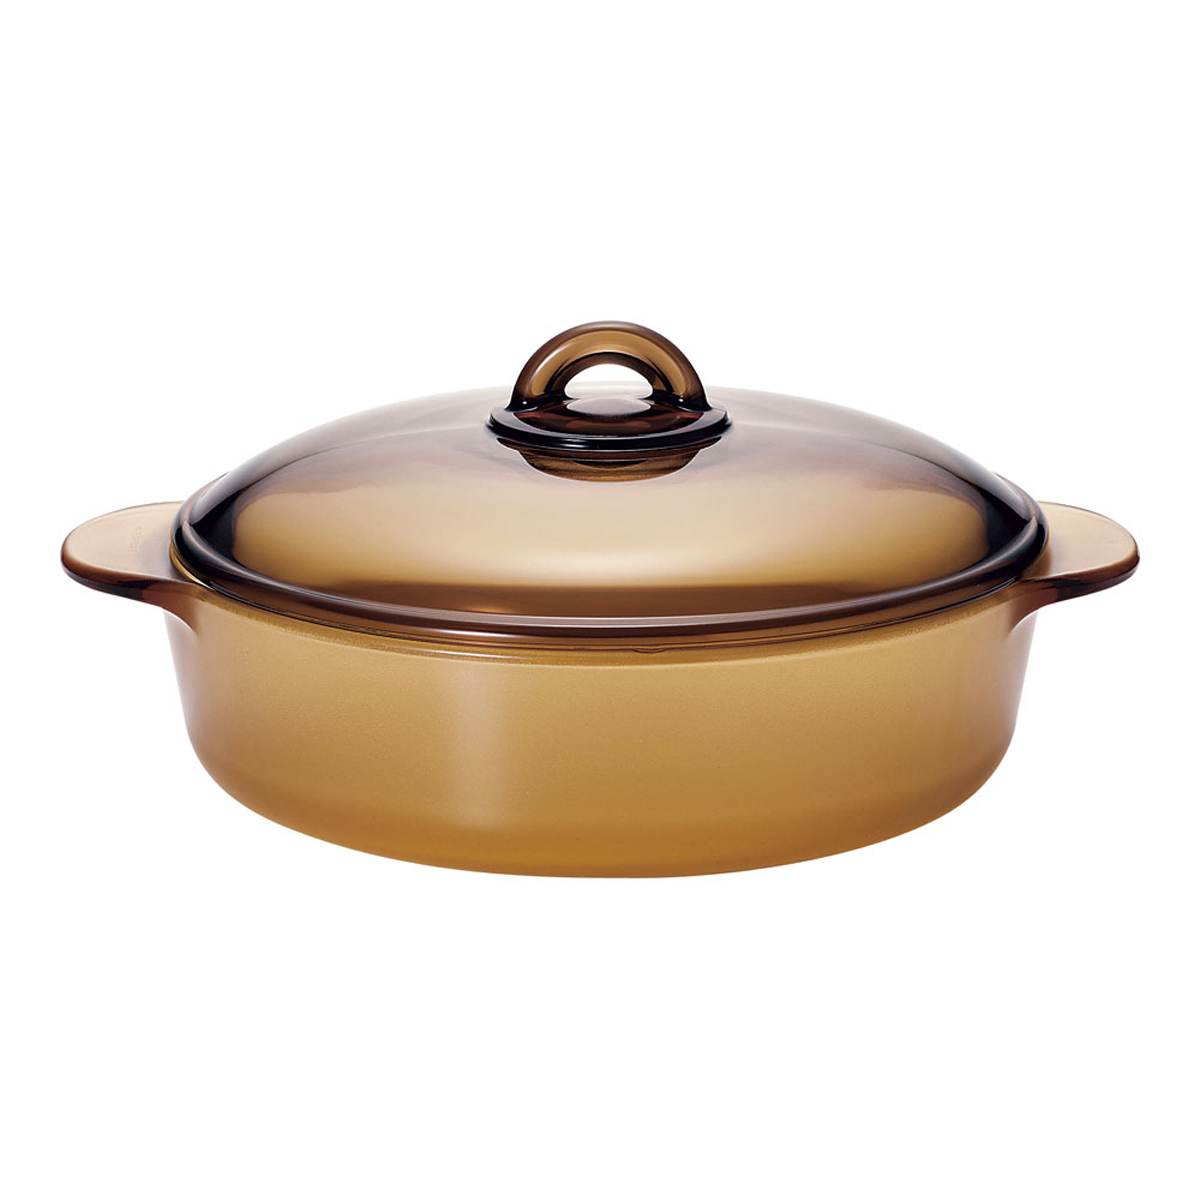 セラベイクファイアココット(AB)IH 2.3L K-9508 6-0091-0201【厨房用品 料理道具 鍋類 業務用 販売 通販】[10P03Dec16]